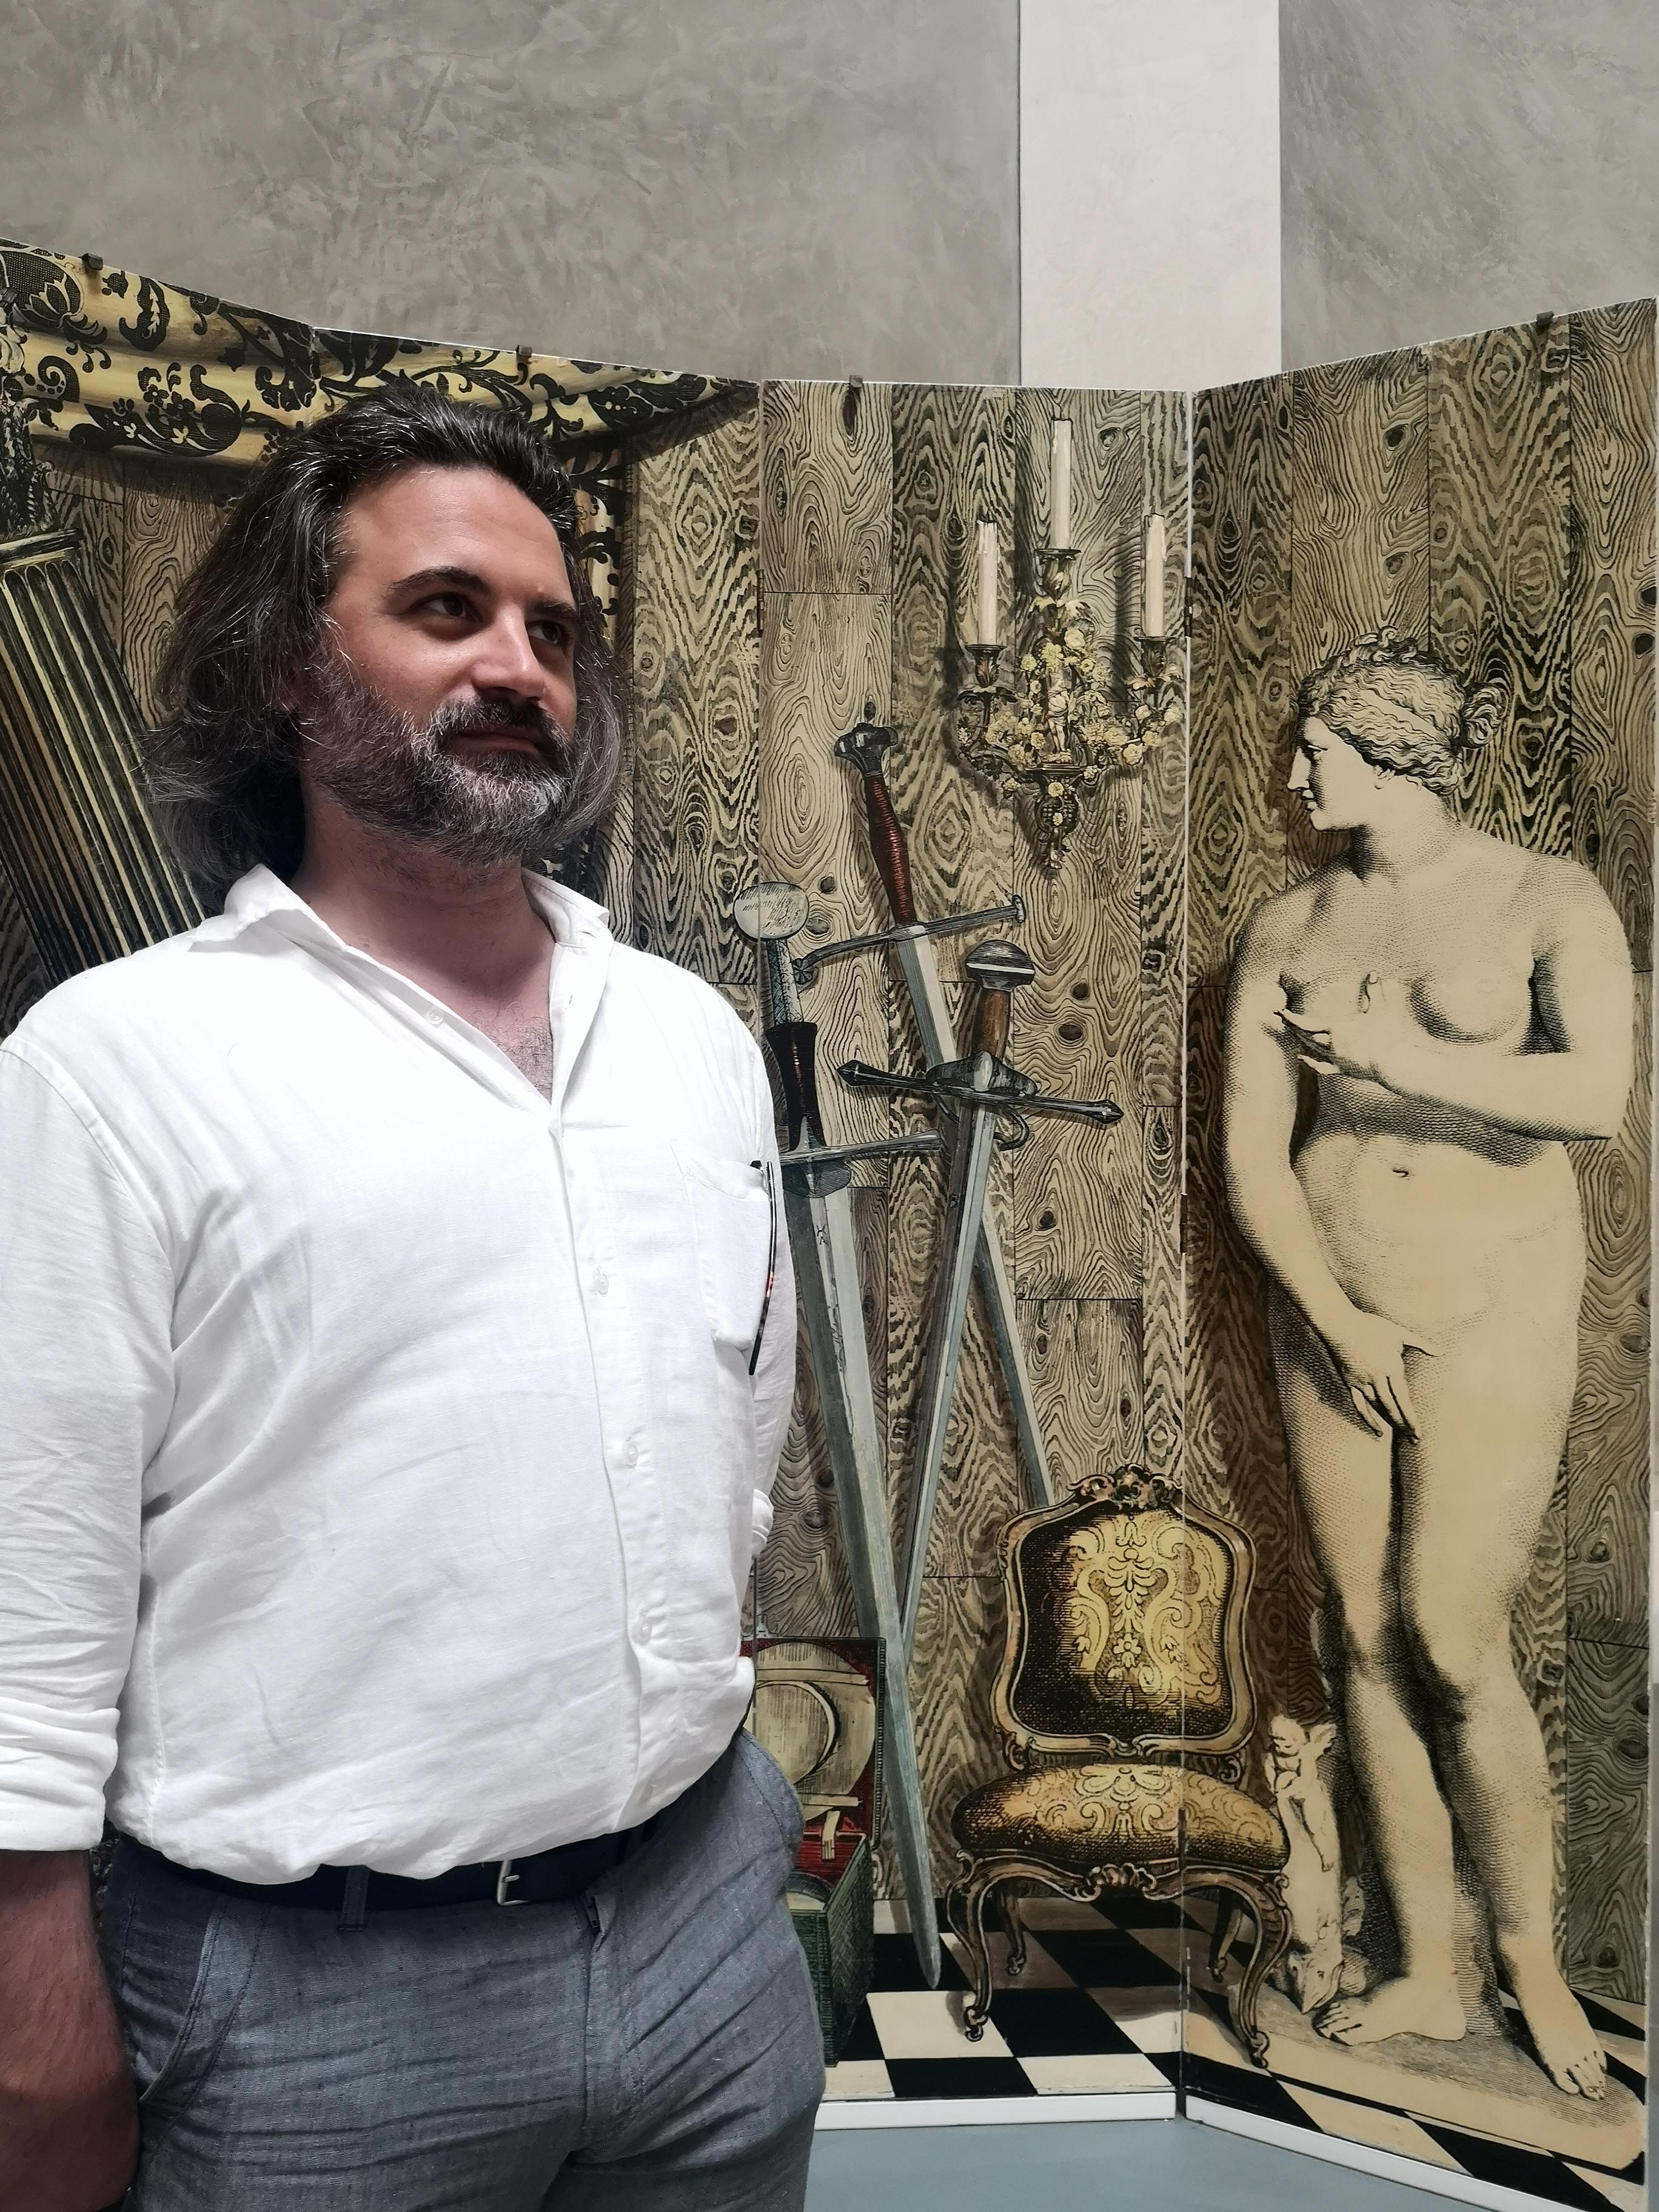 Antonio Zotti